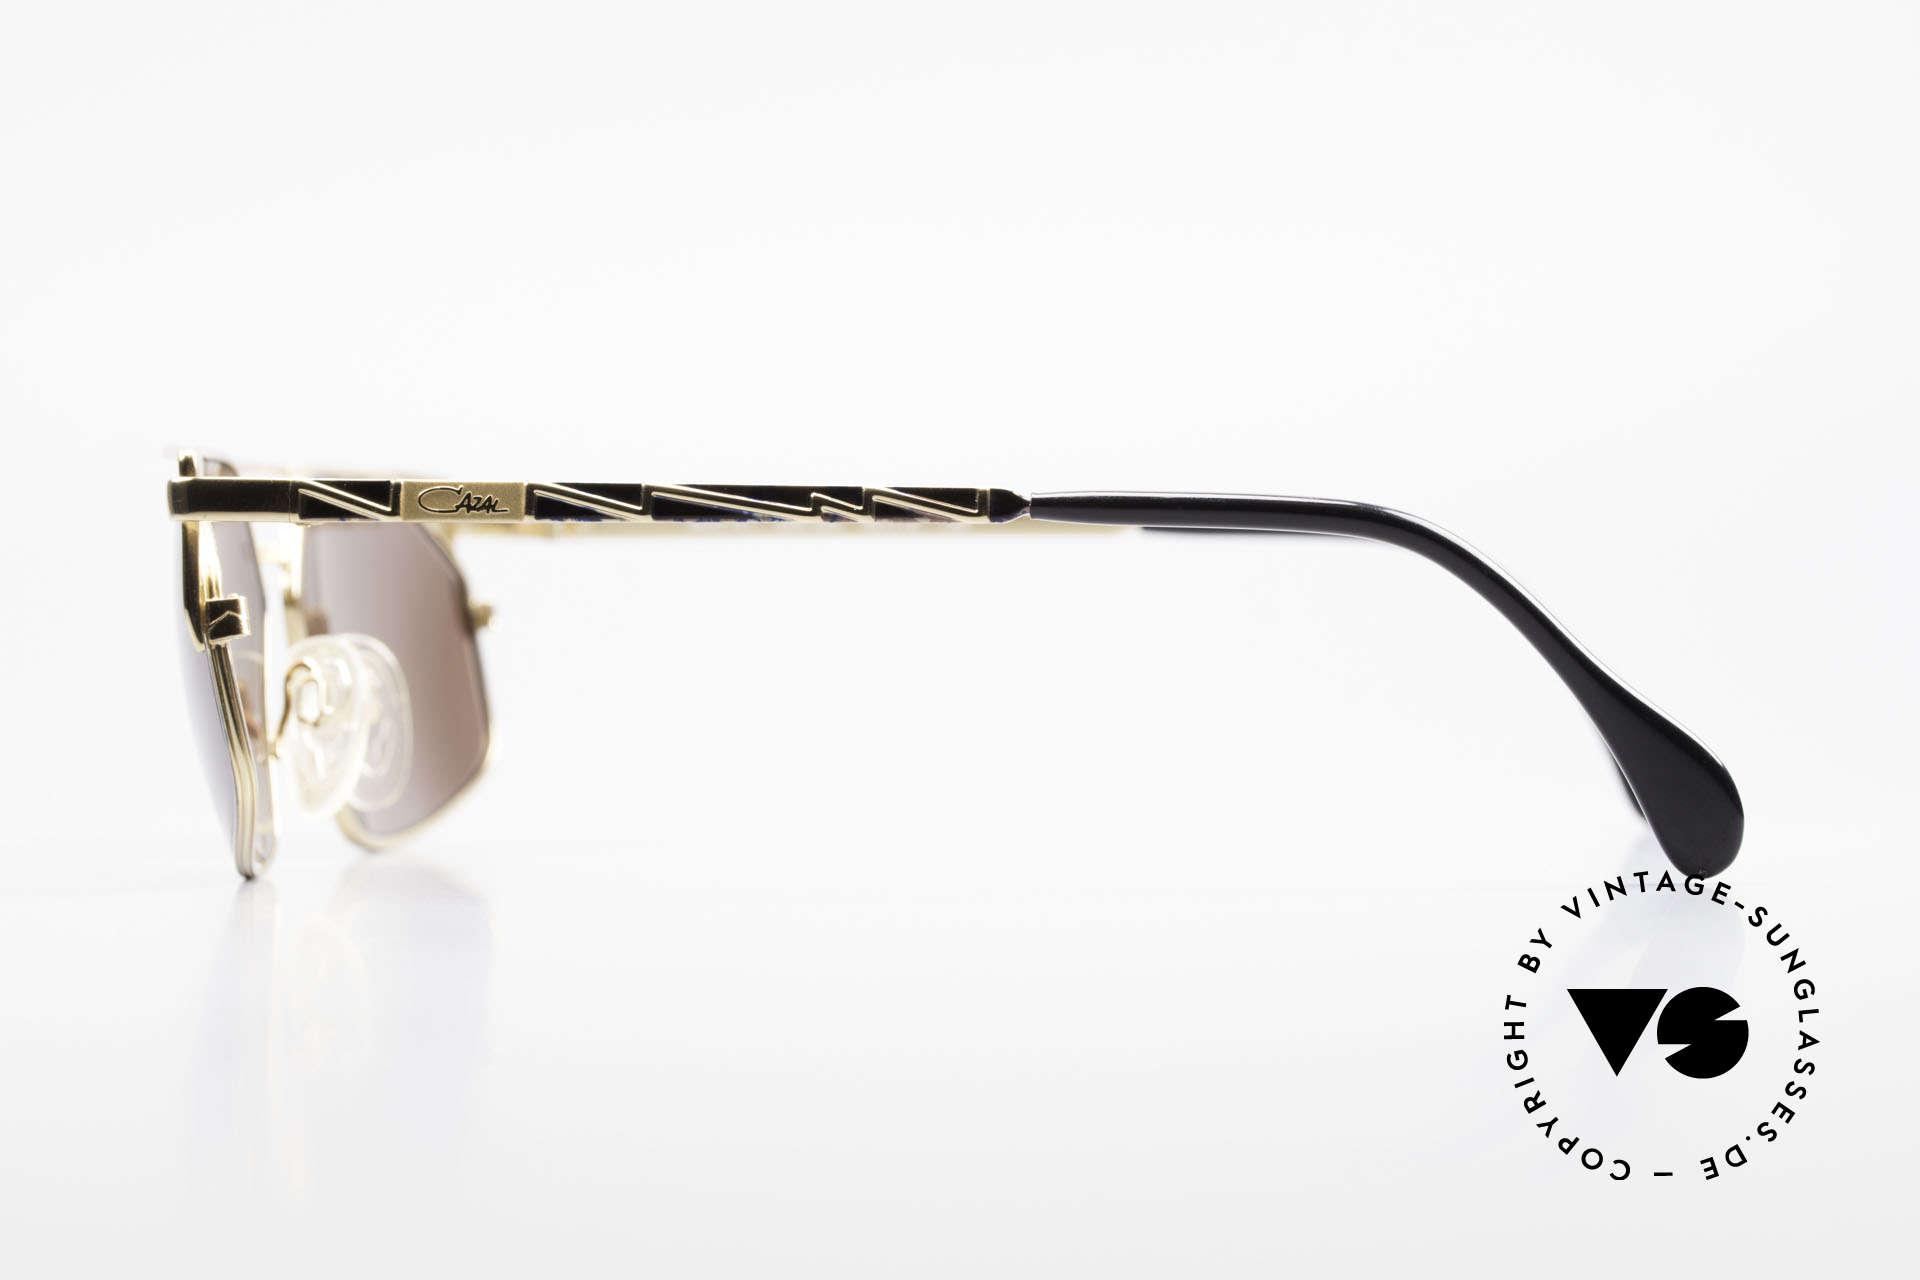 Cazal 751 Rare Vintage Designerbrille, die Fassung ist für optische (Sonnen)Gläser gemacht, Passend für Herren